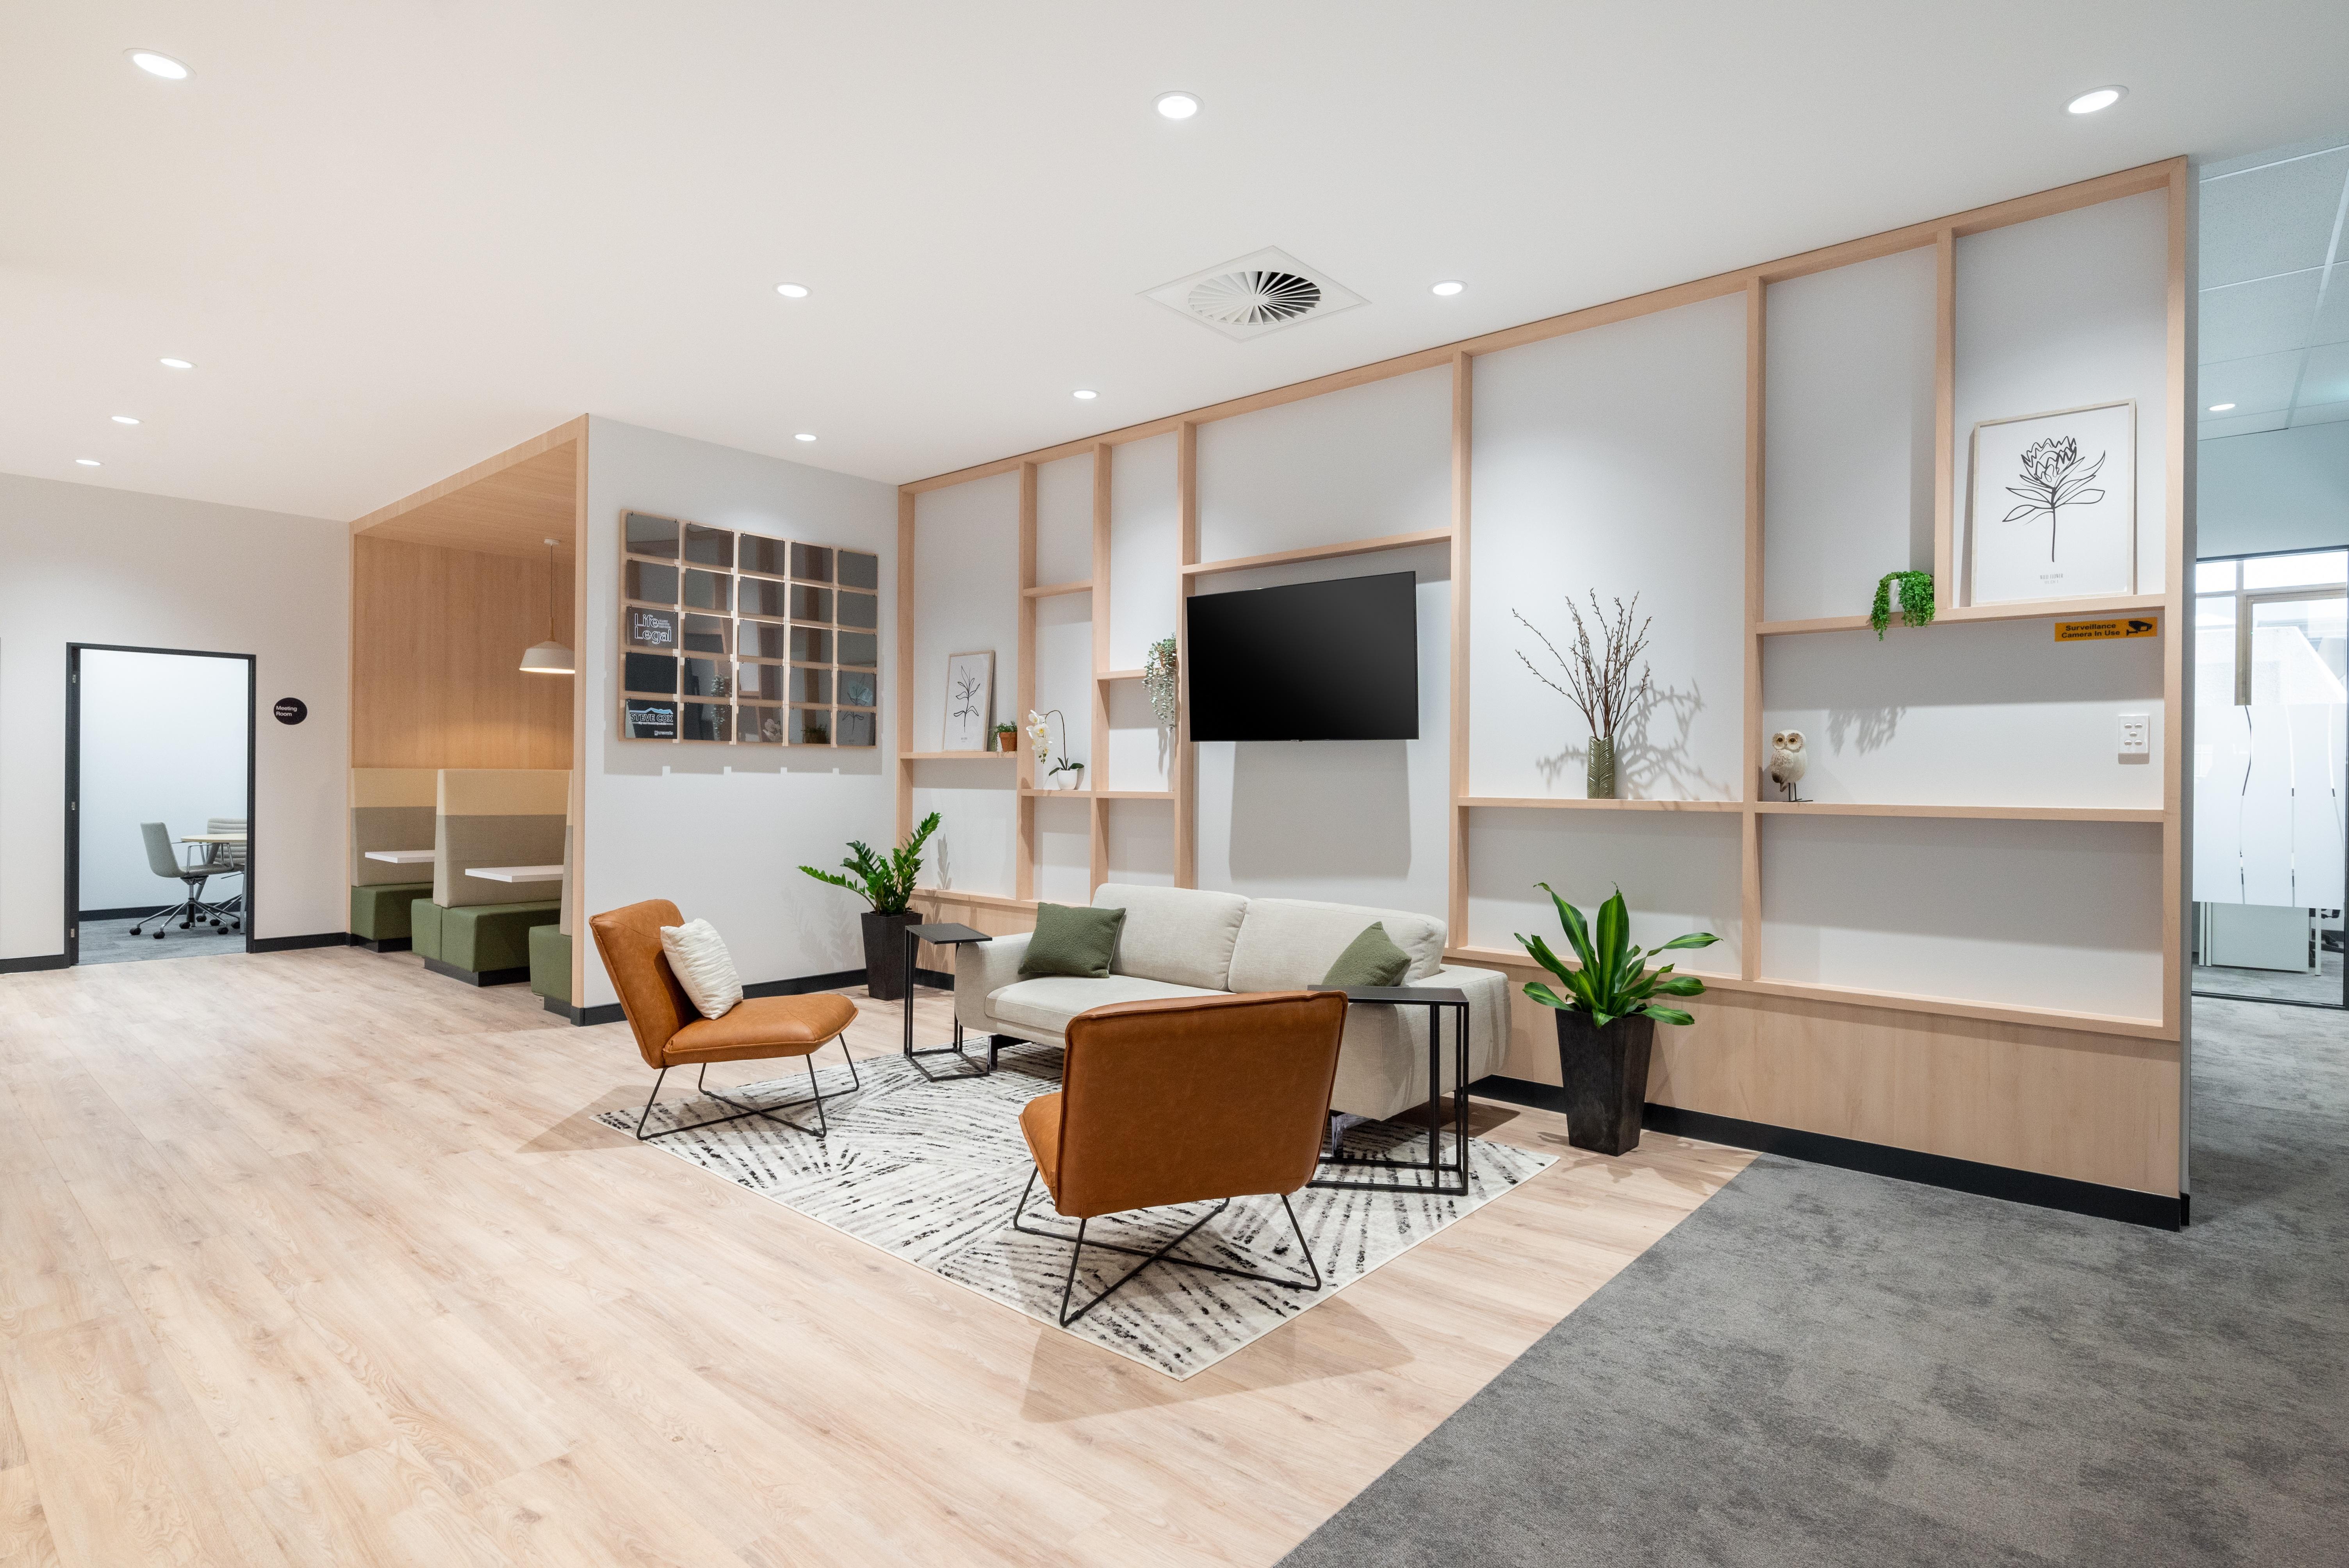 149 Rue Saint Honoré le domaine des entrepreneurs louvre rivoli, paris - book